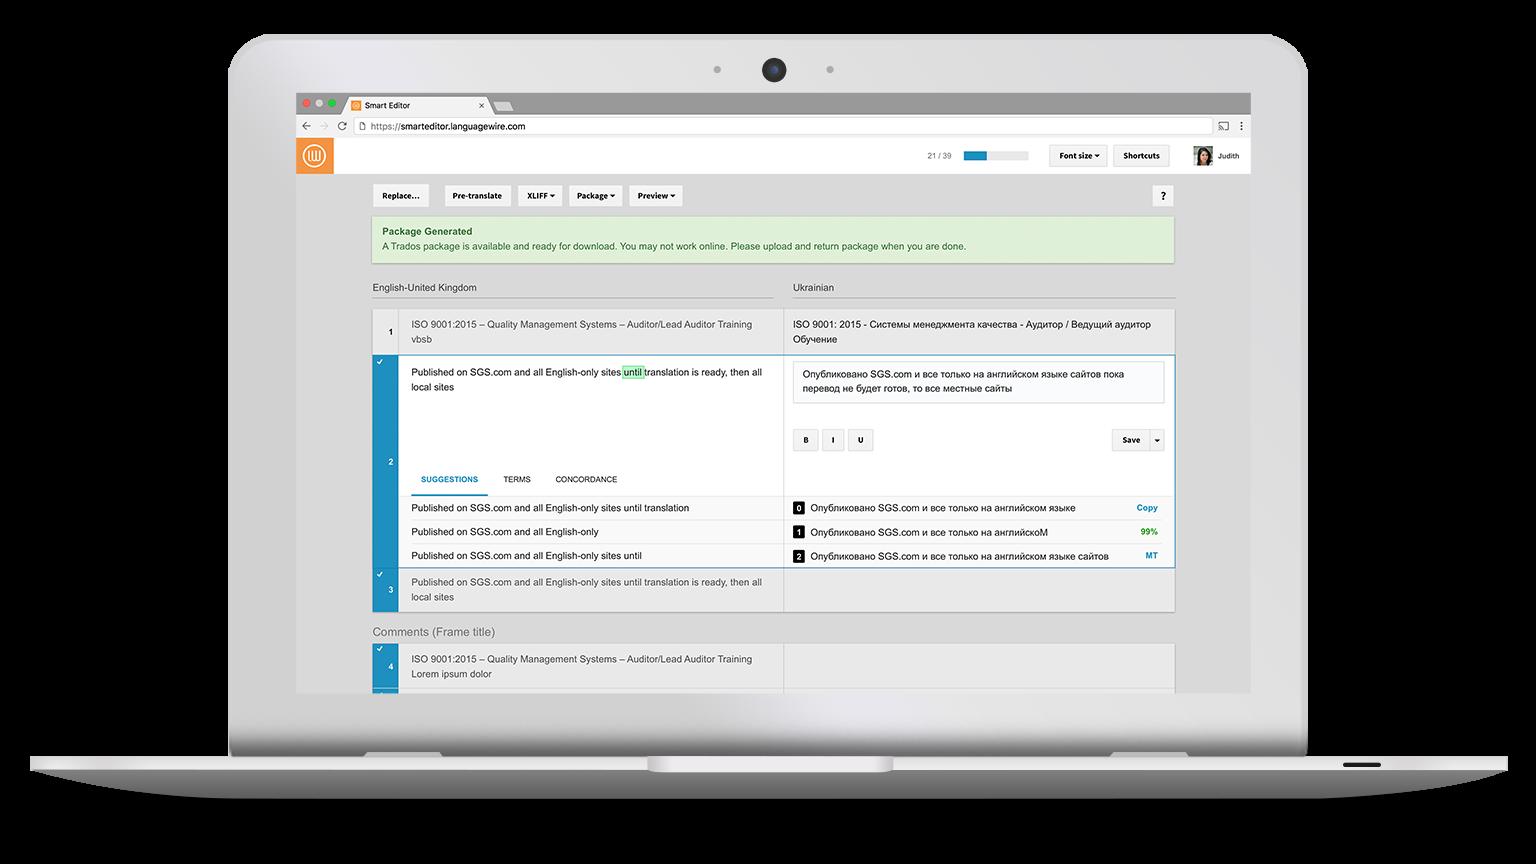 Smart Editor gør det enkelt, så sprogspecialisterne kan fokusere på indholdet.